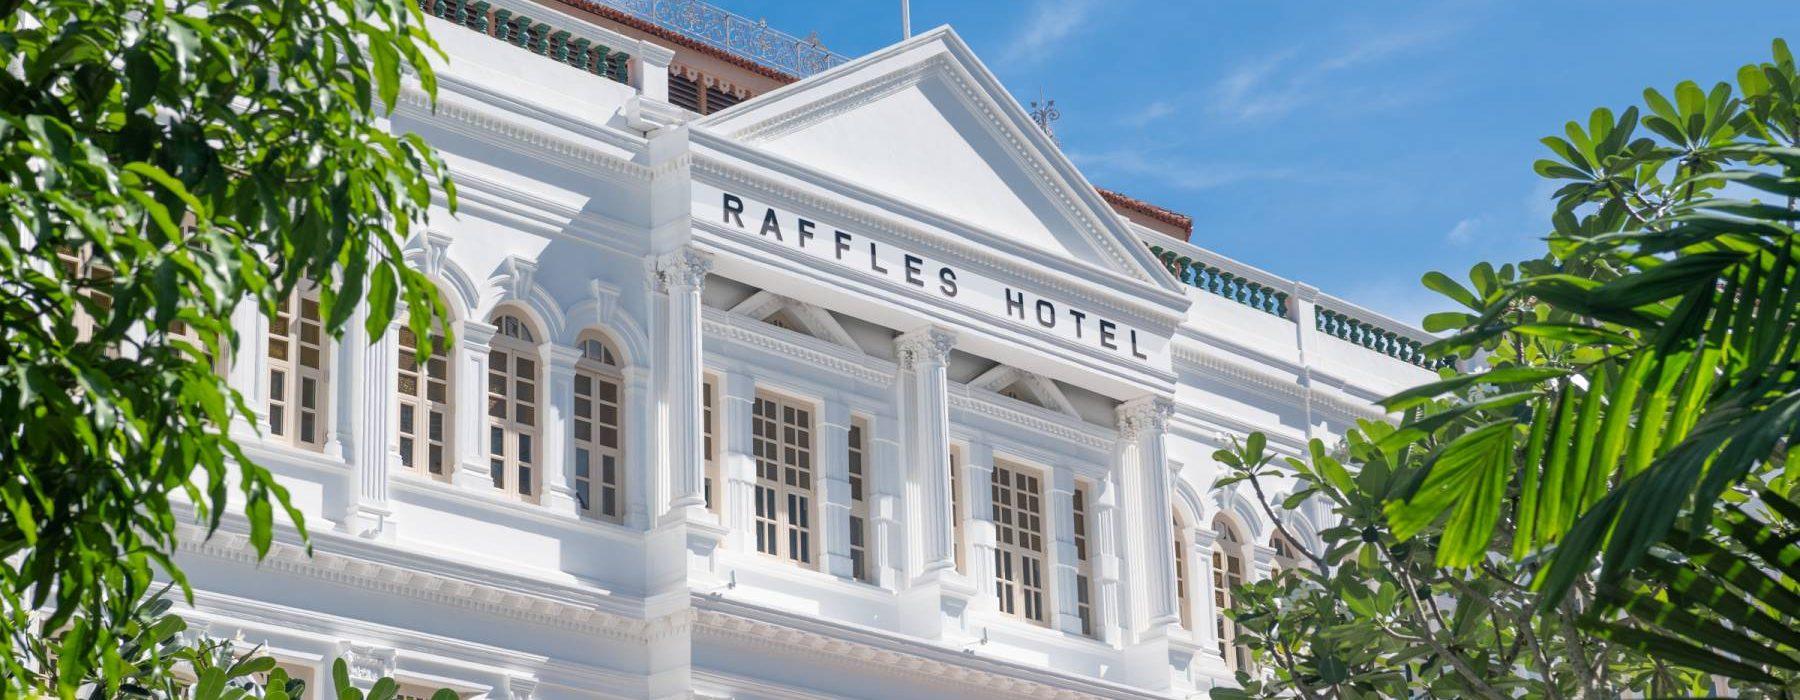 Raffles Singapore - Newsblog